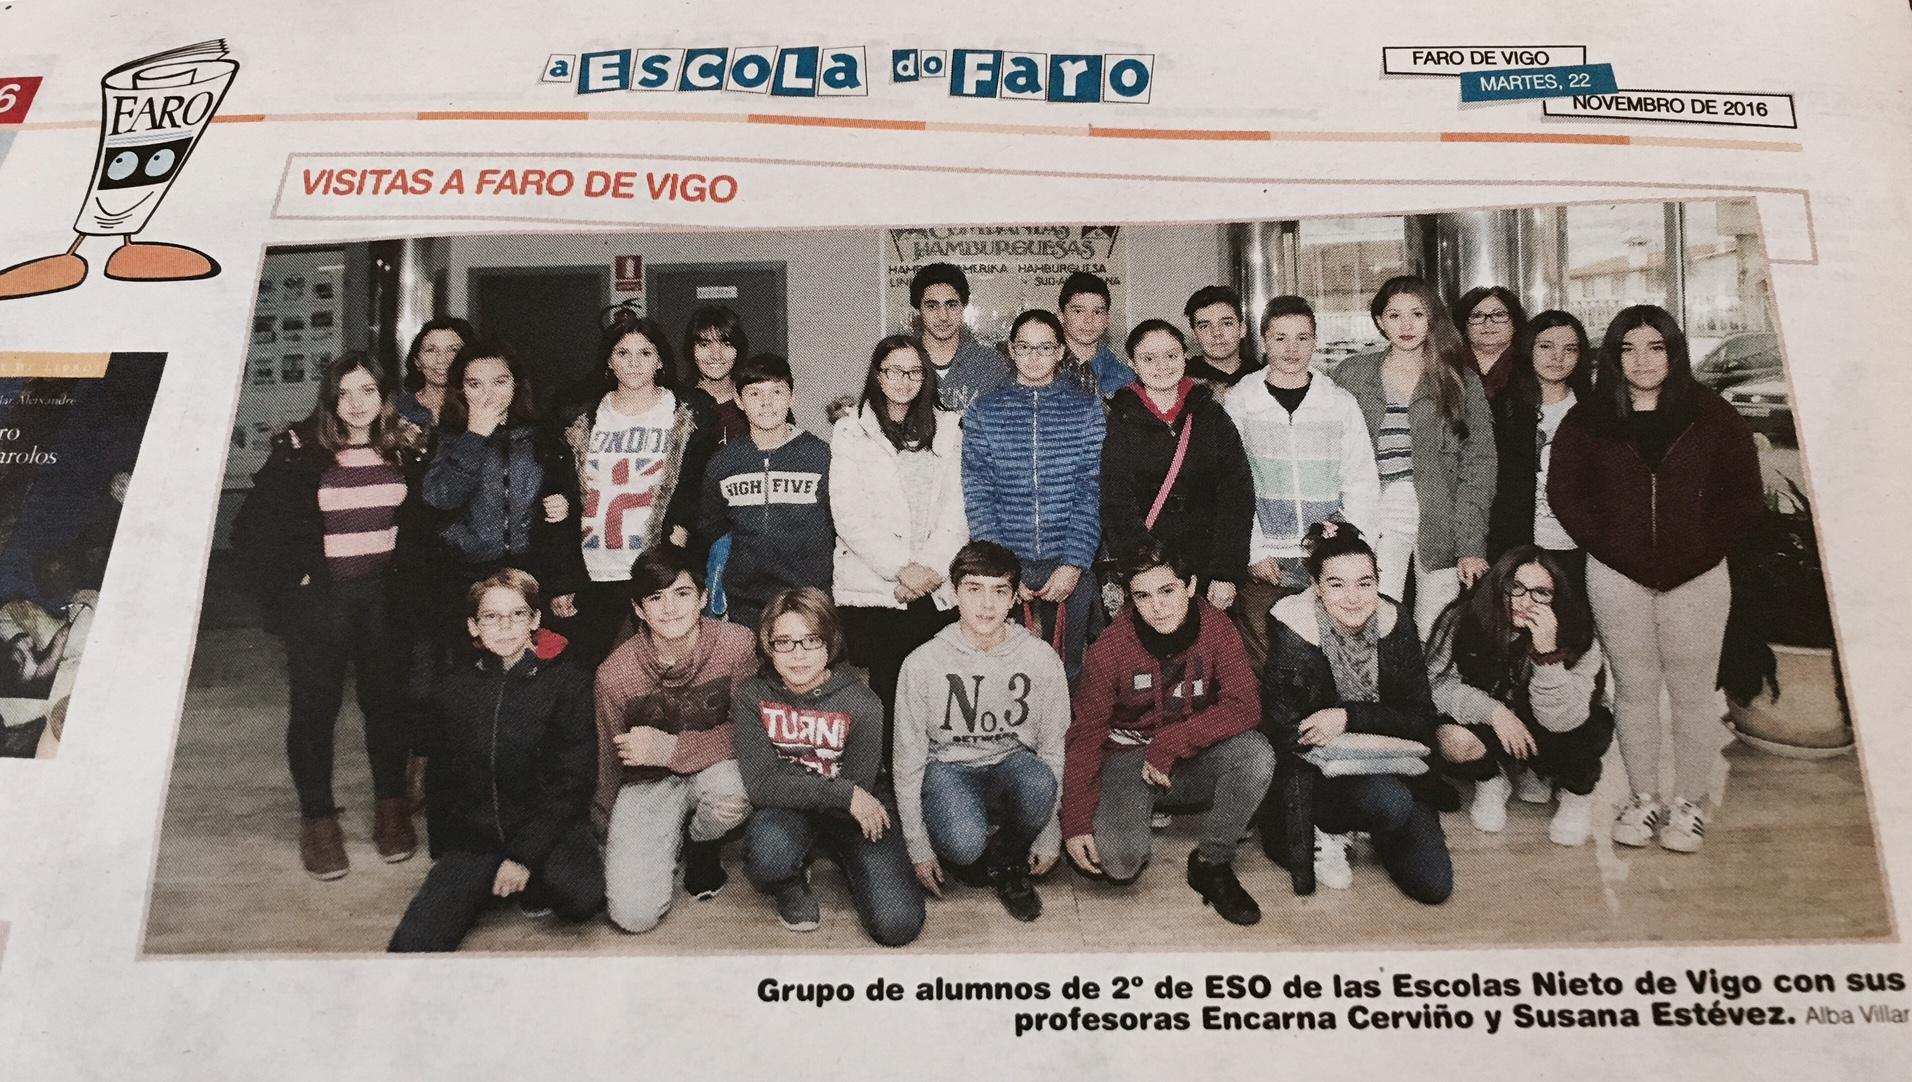 alumnos/as de 2º da E.S.O. en Faro de Vigo